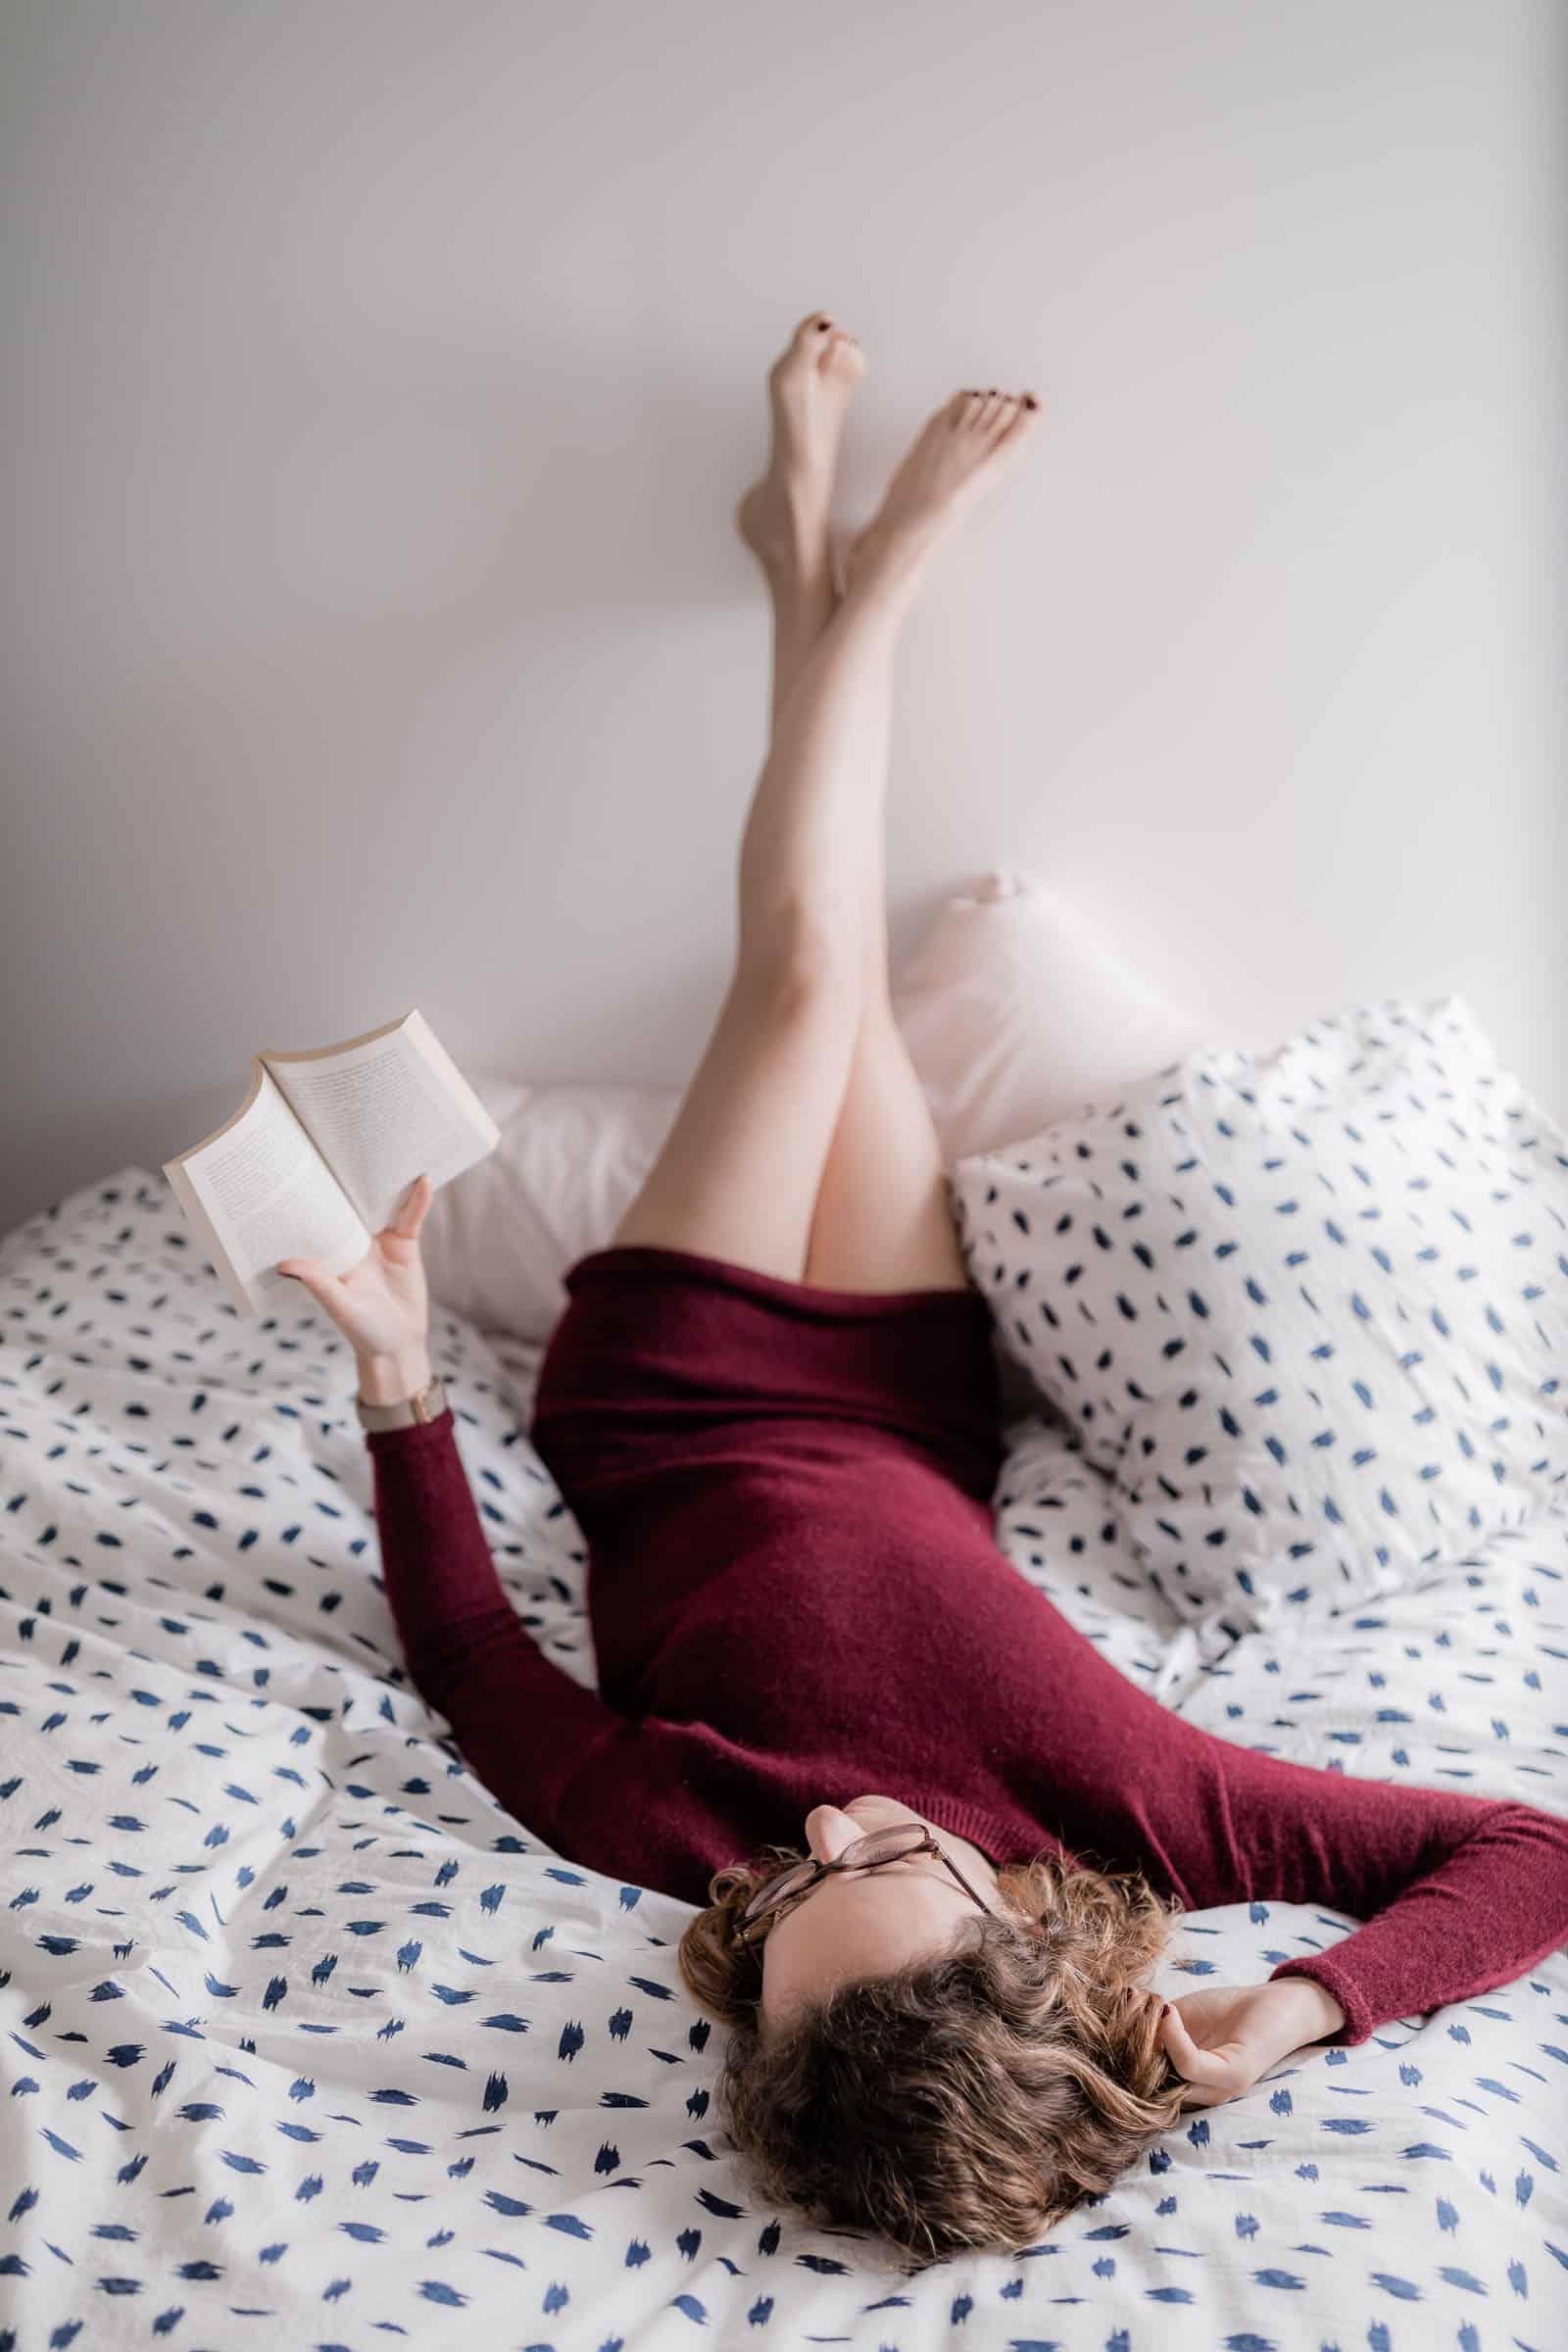 Femme couchée qui lit sur le lit